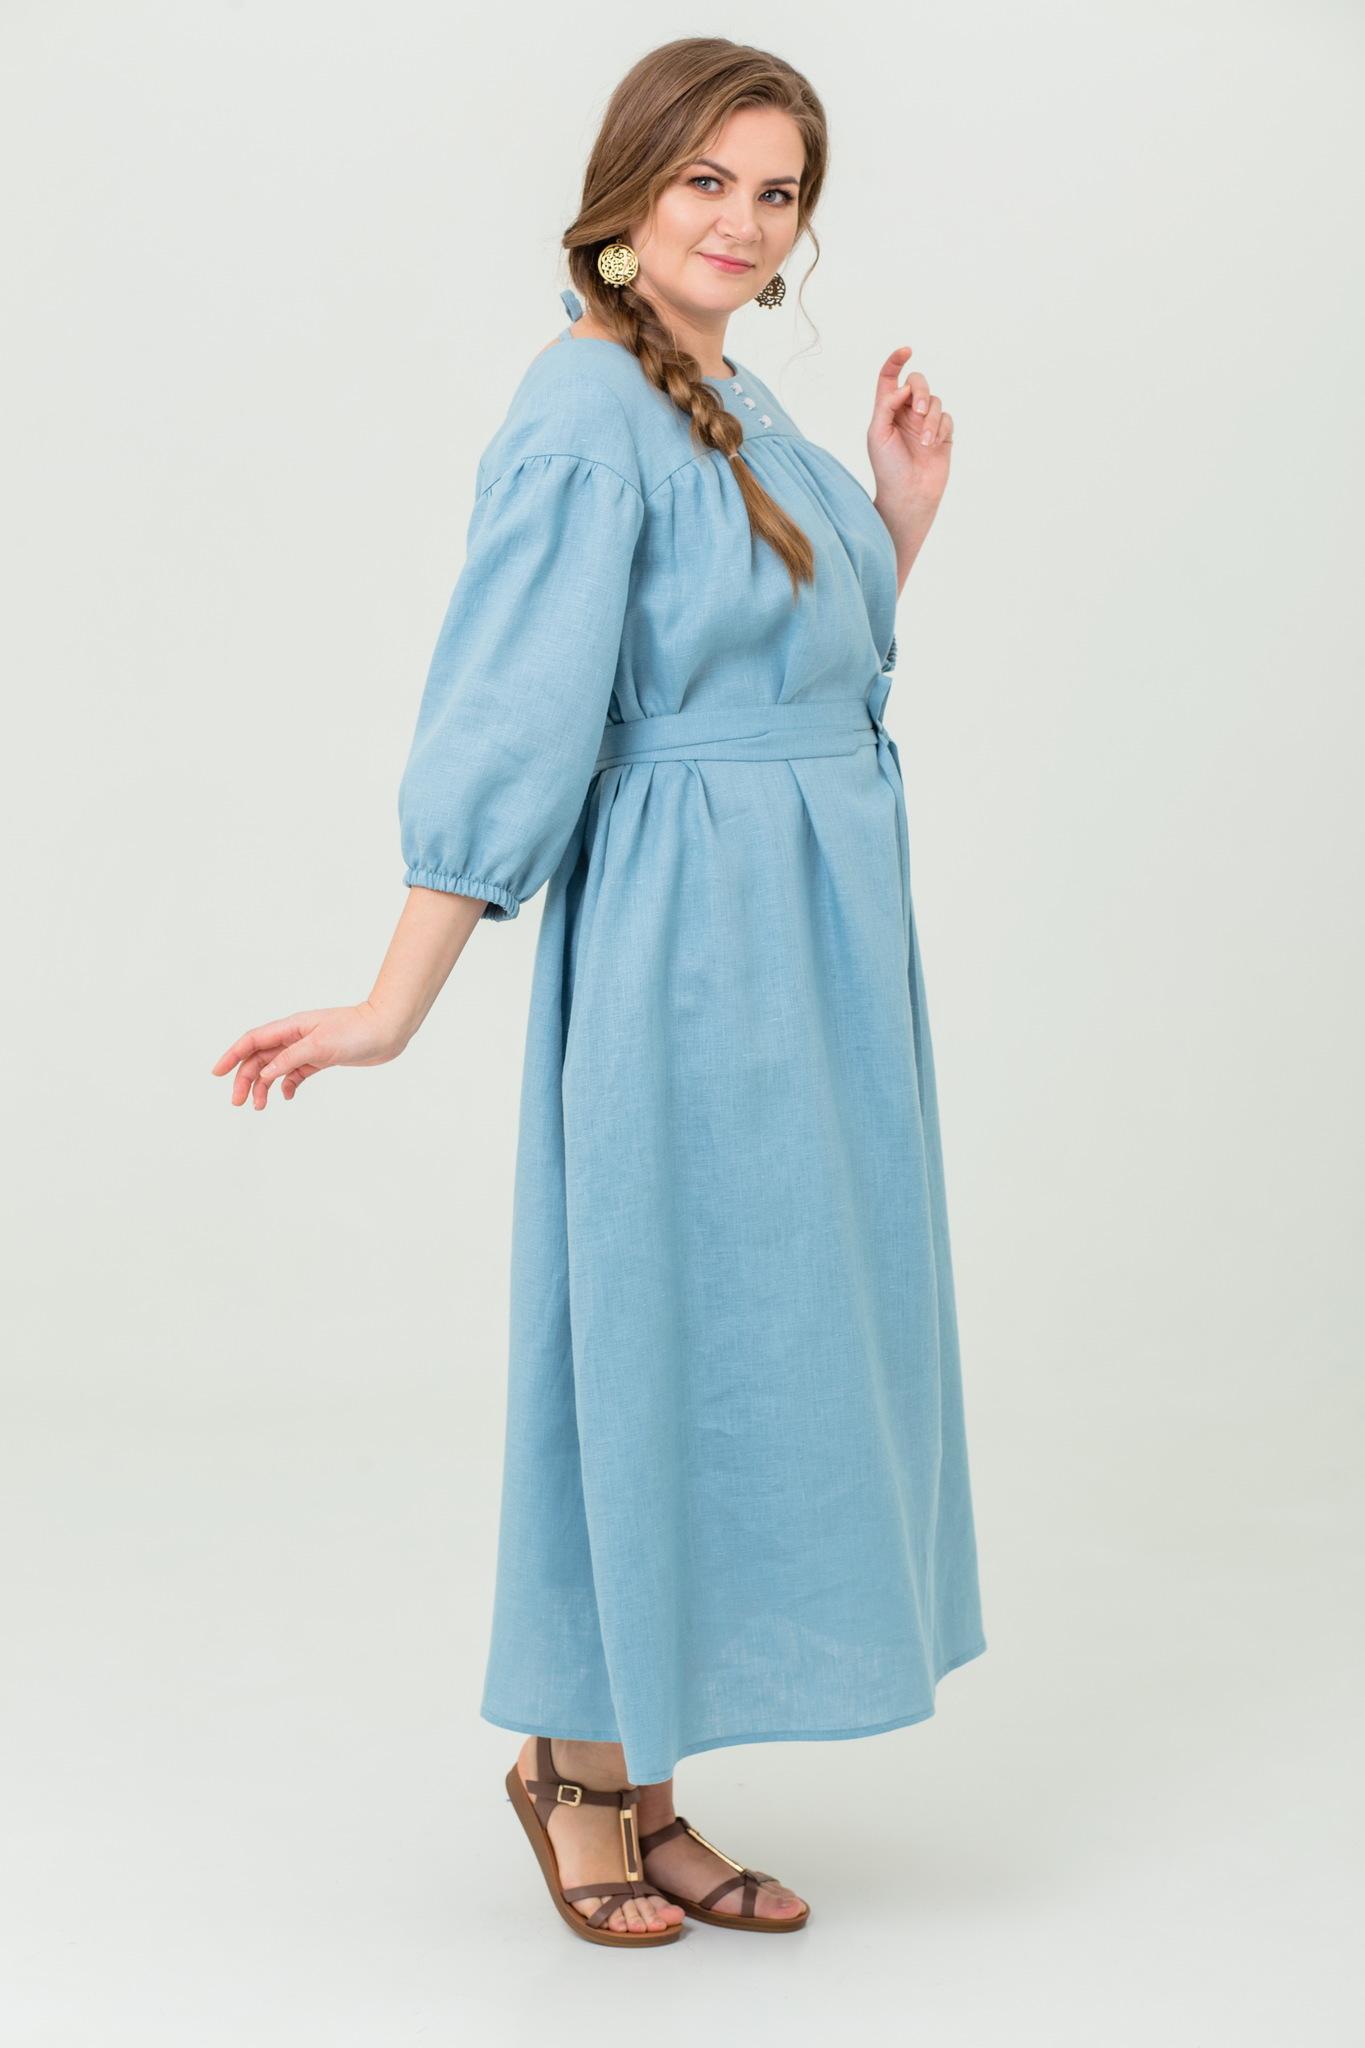 Платье льняное Босиком по росе купить